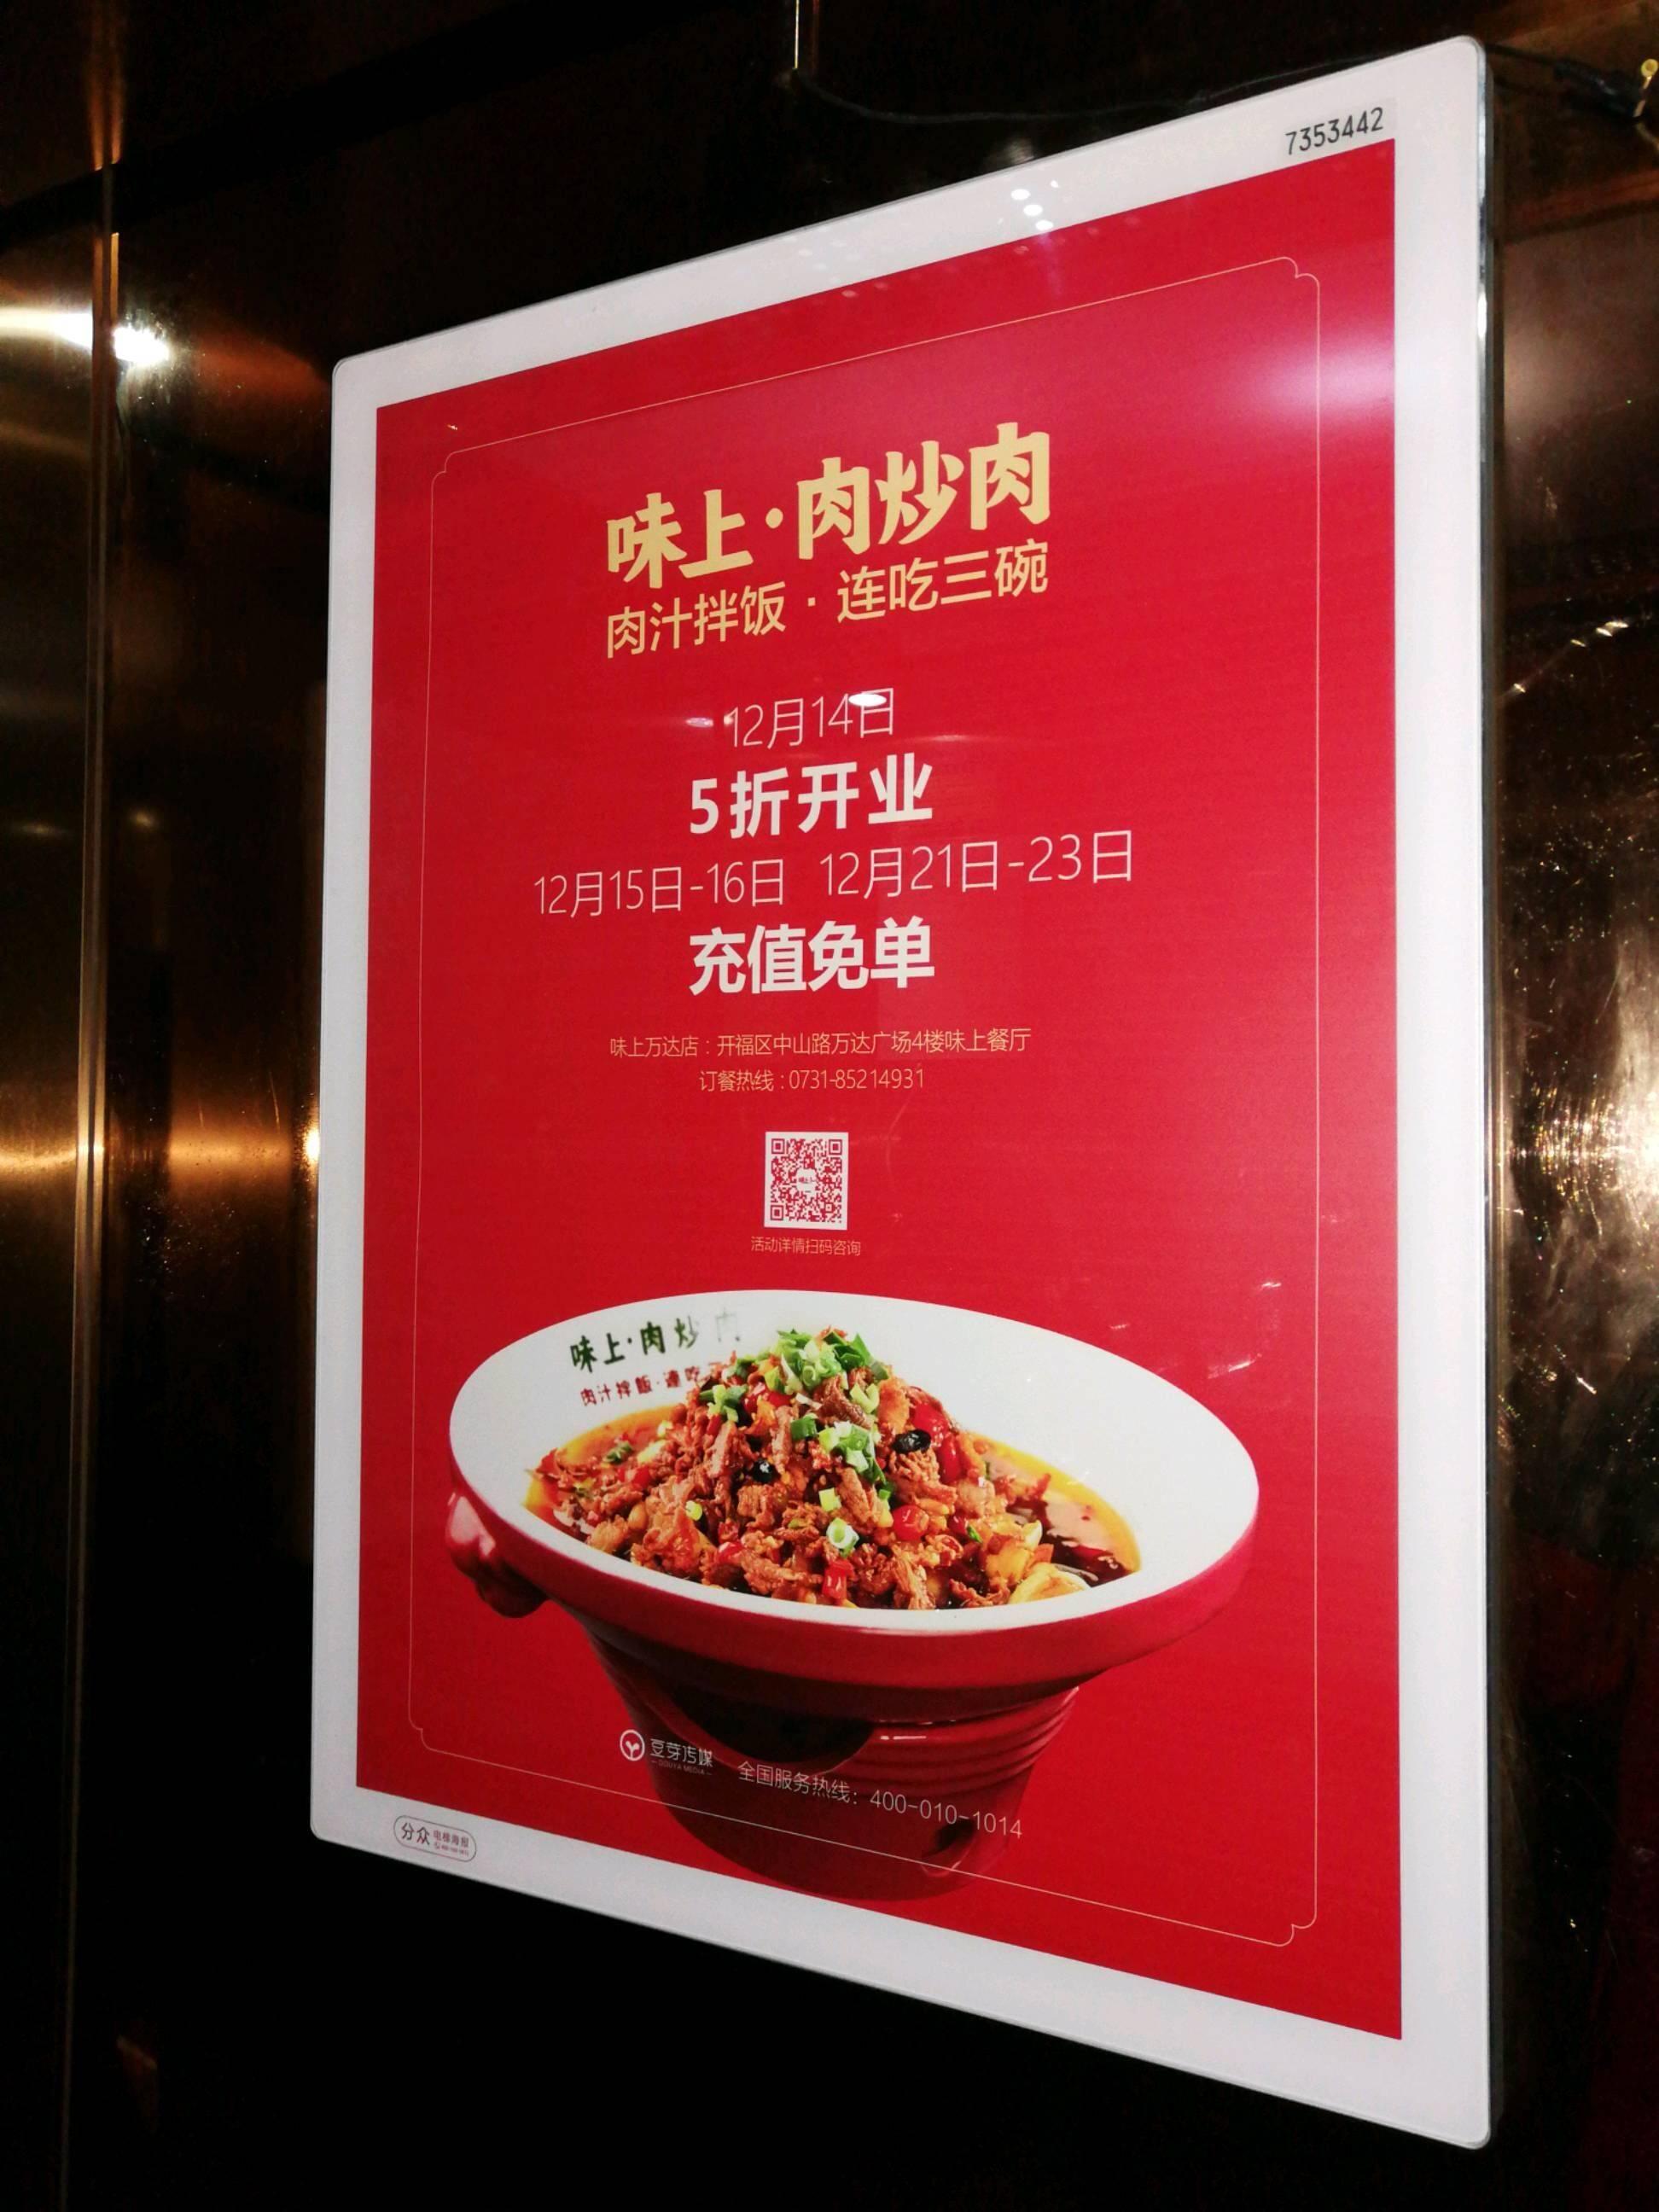 贵阳电梯广告公司广告牌框架3.0投放(100框起投)